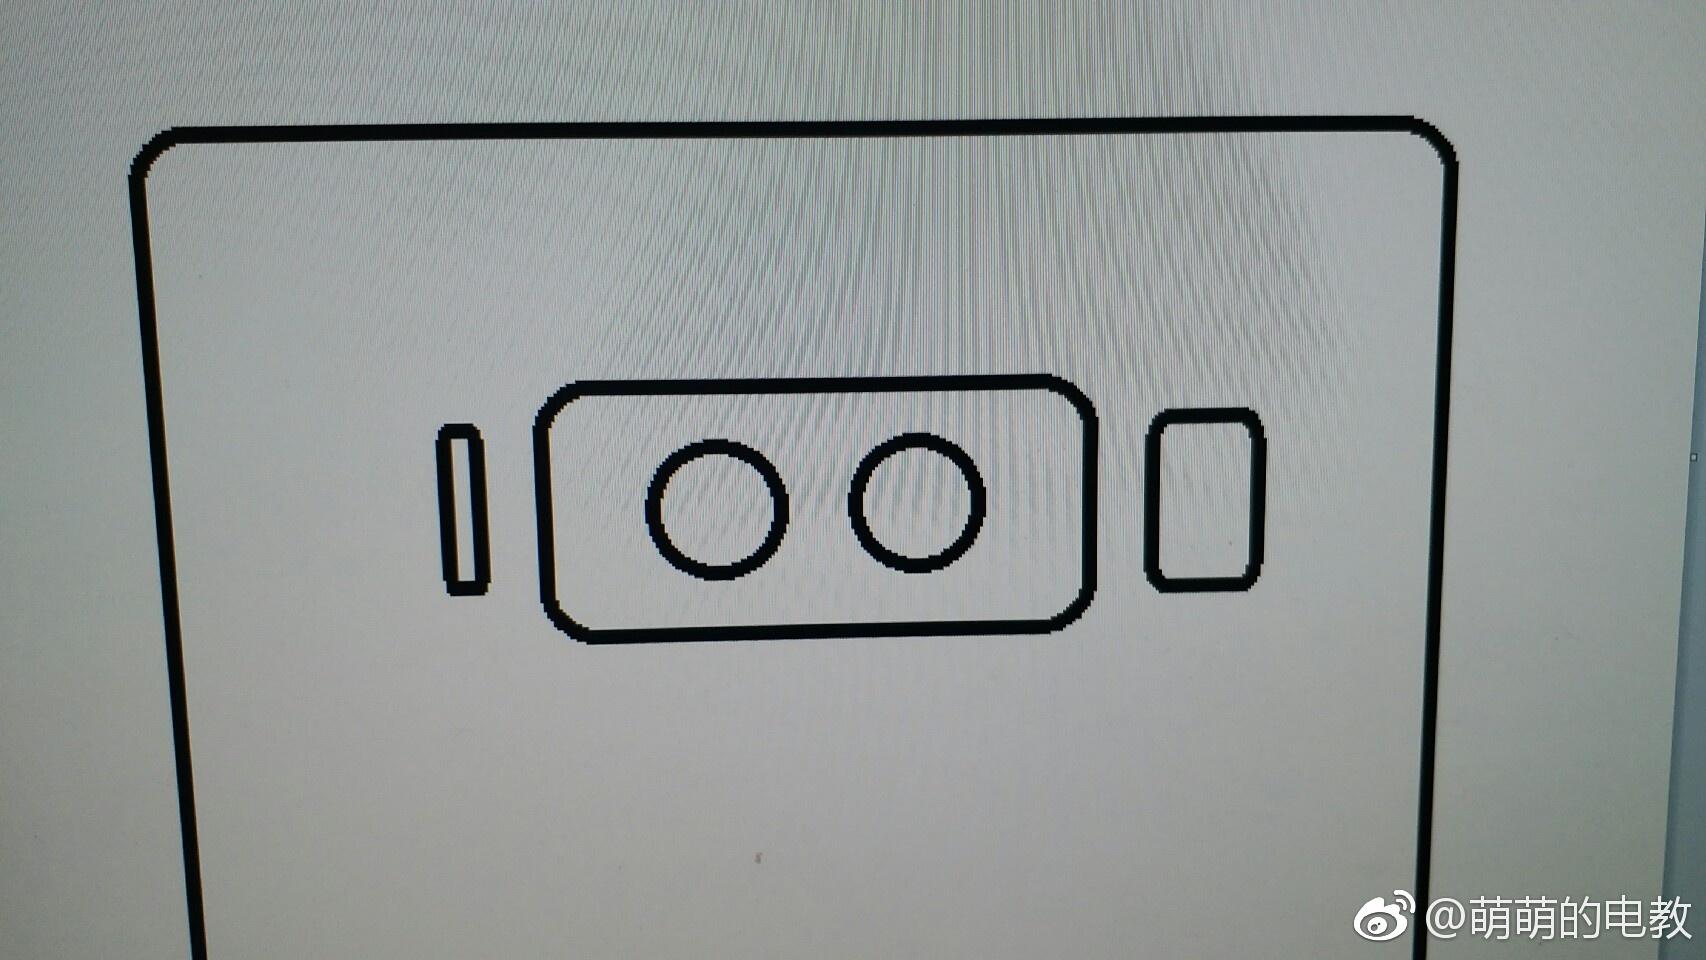 Galaxy Note 8 leaked render